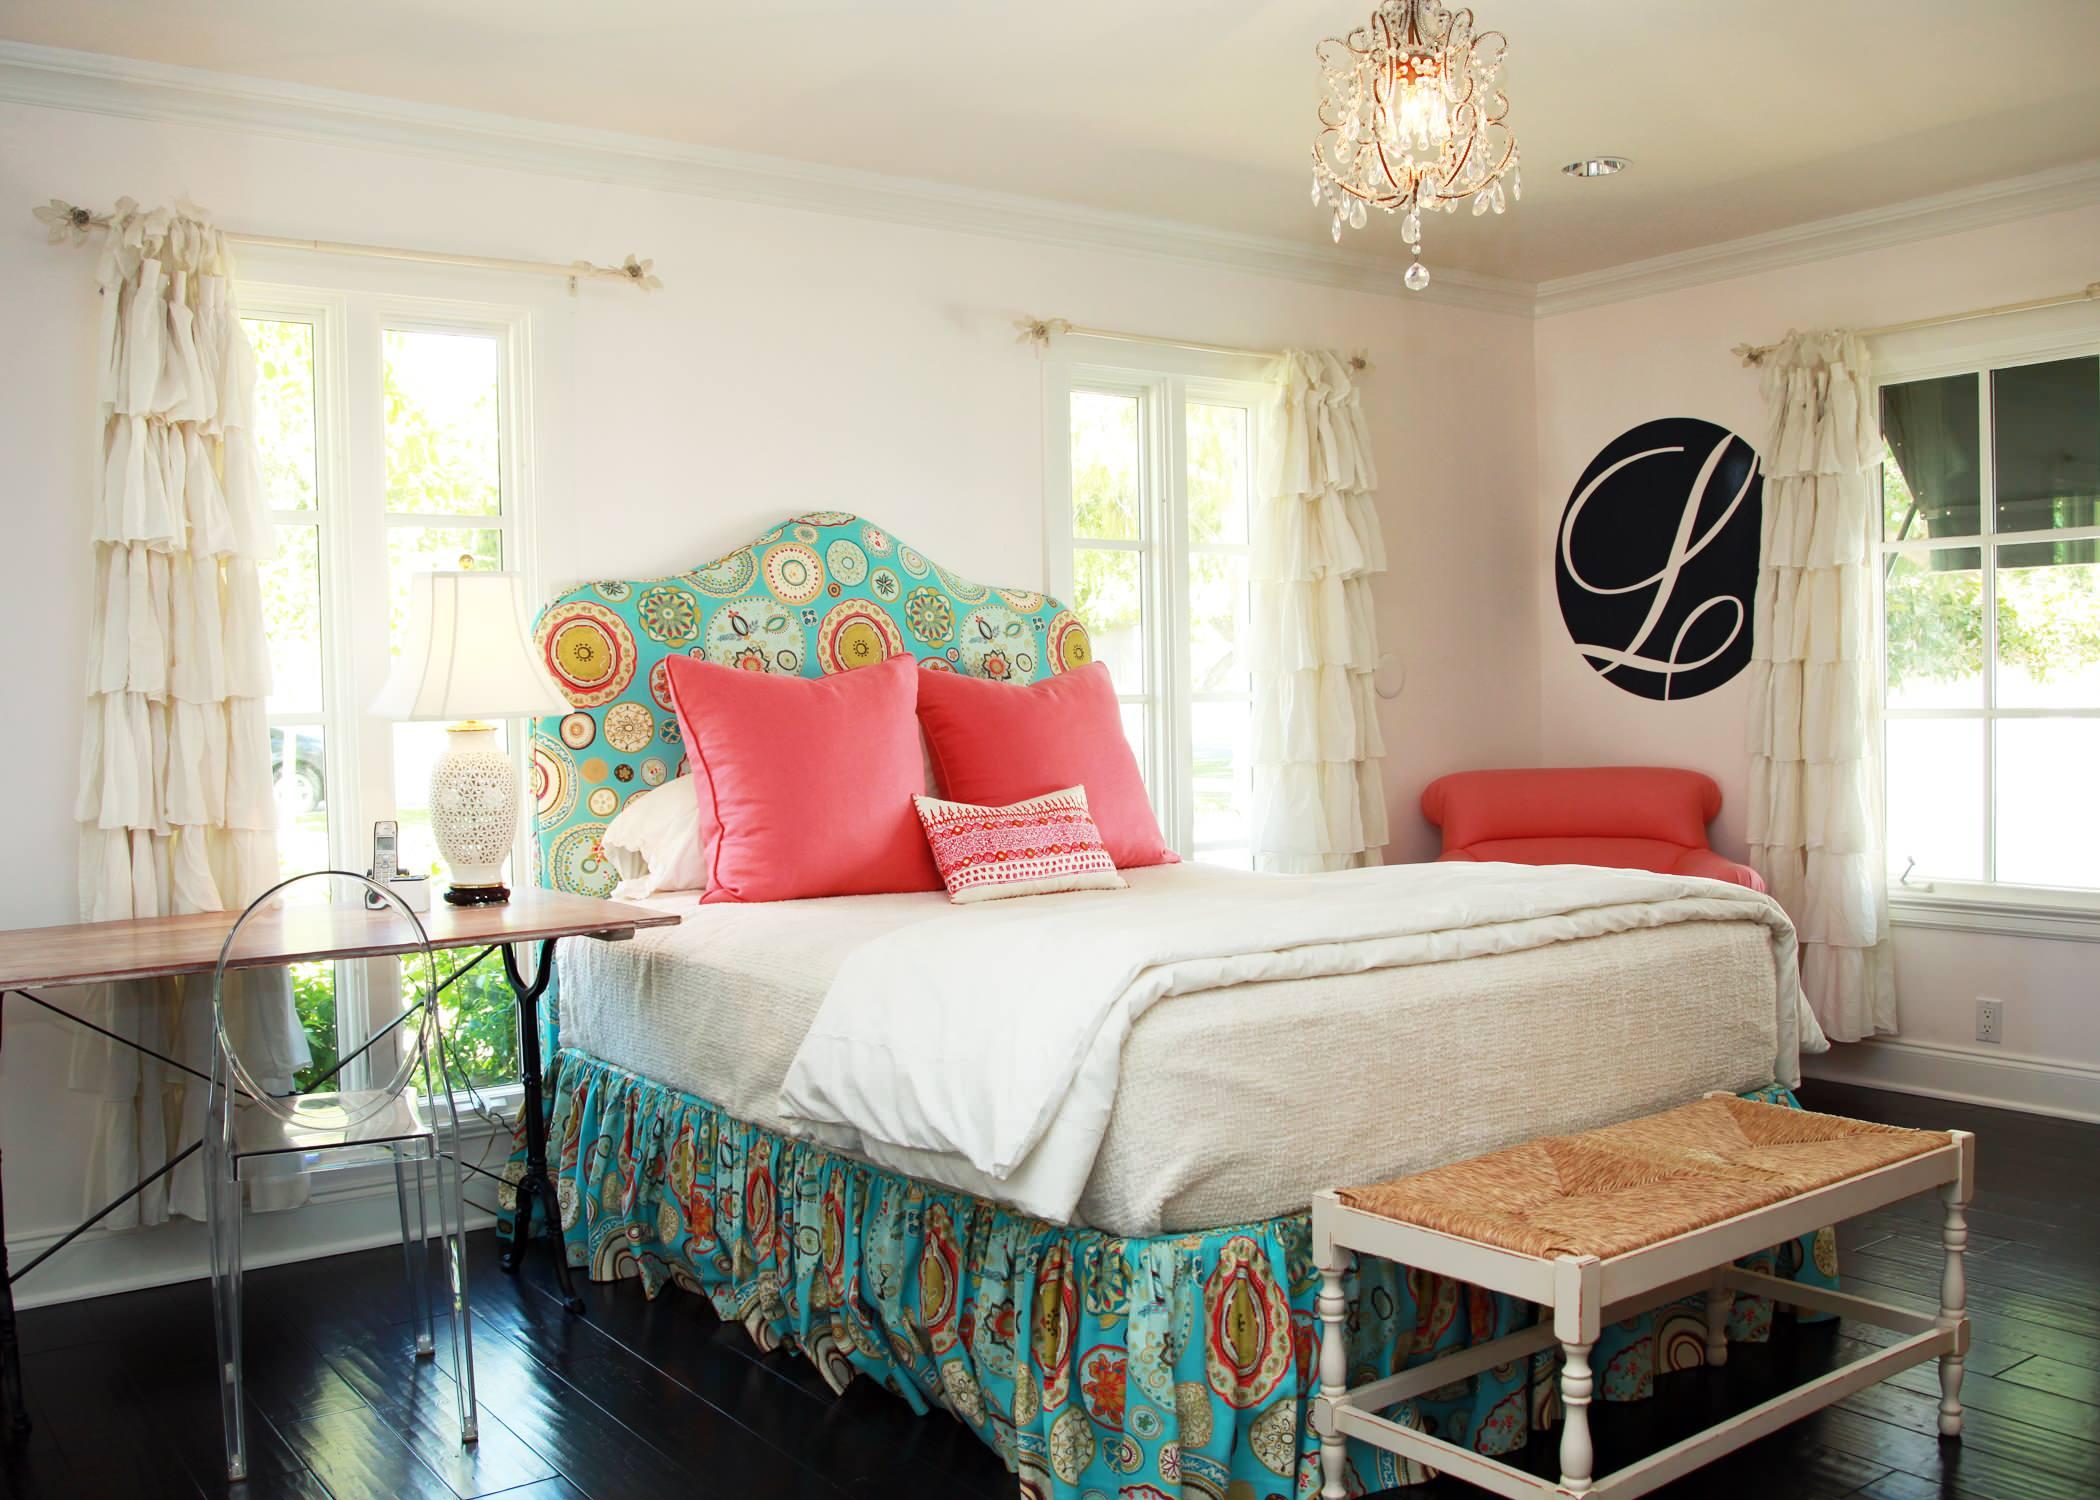 Кровати с каркасами, изготовленными из ДСП (МДФ) более доступны по цене